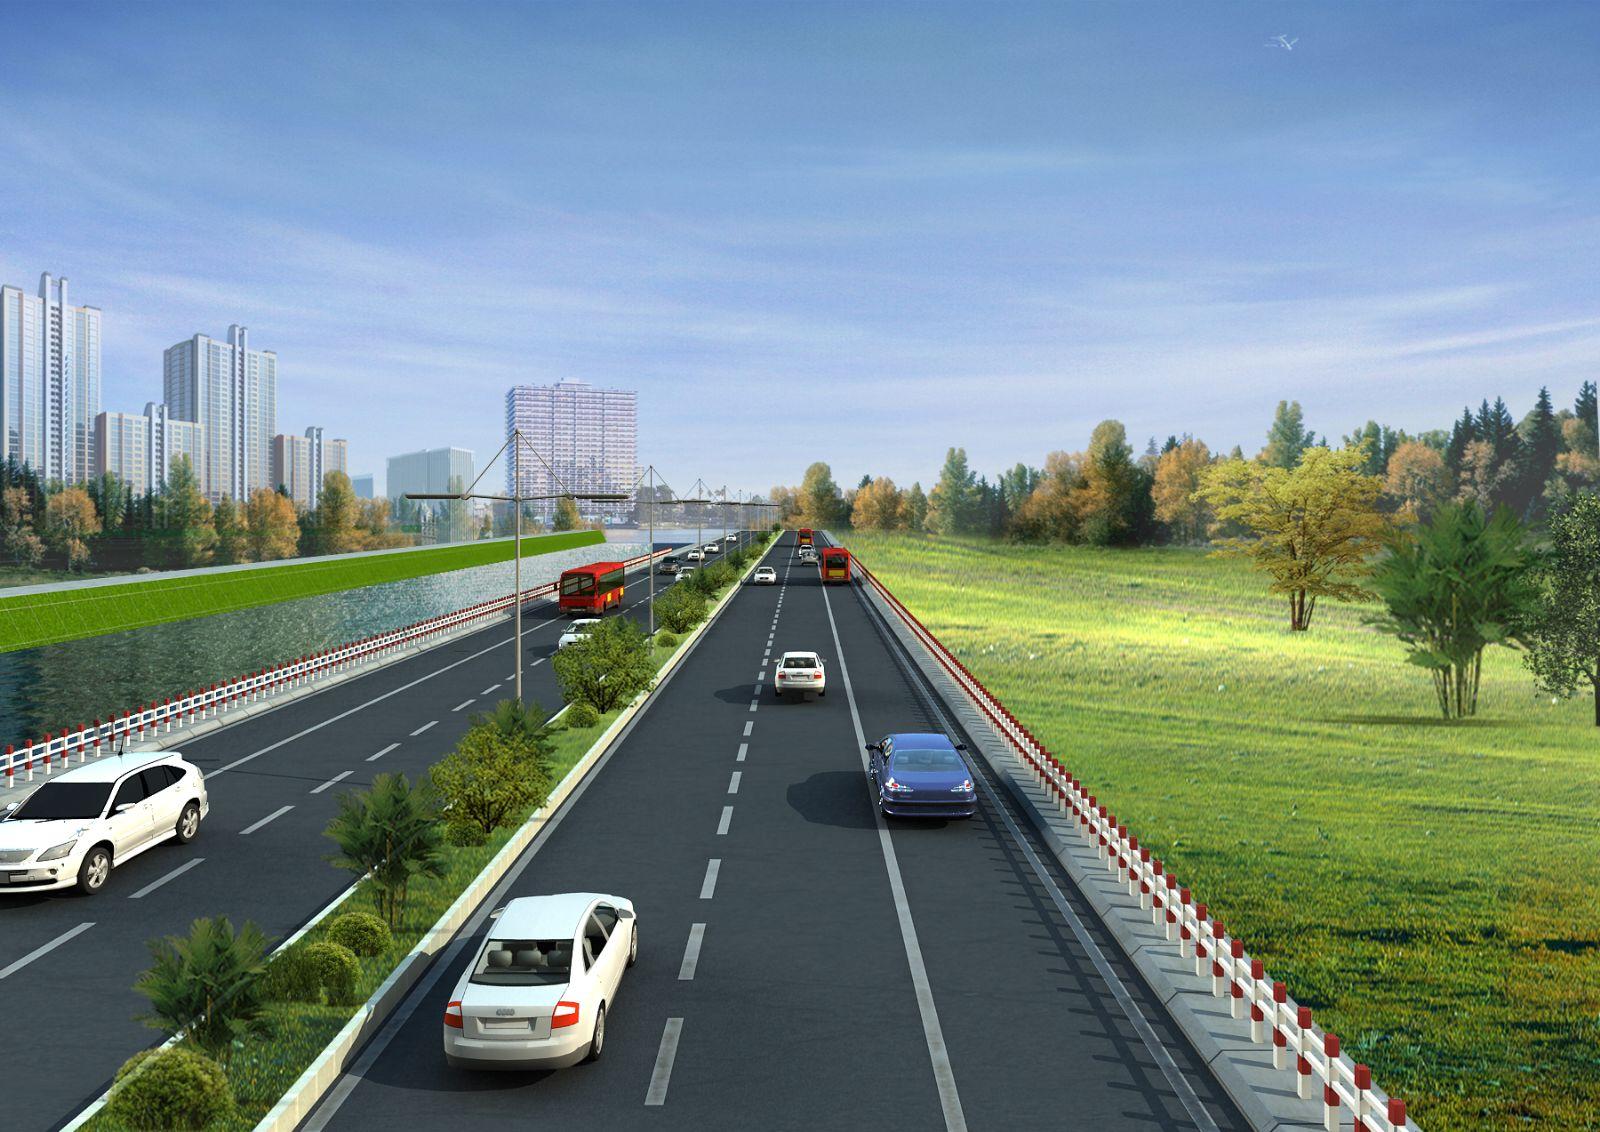 Thỏa thuận thi công công trình đường bộ trên quốc lộ ủy thác Sở Giao thông vận tải quản lý